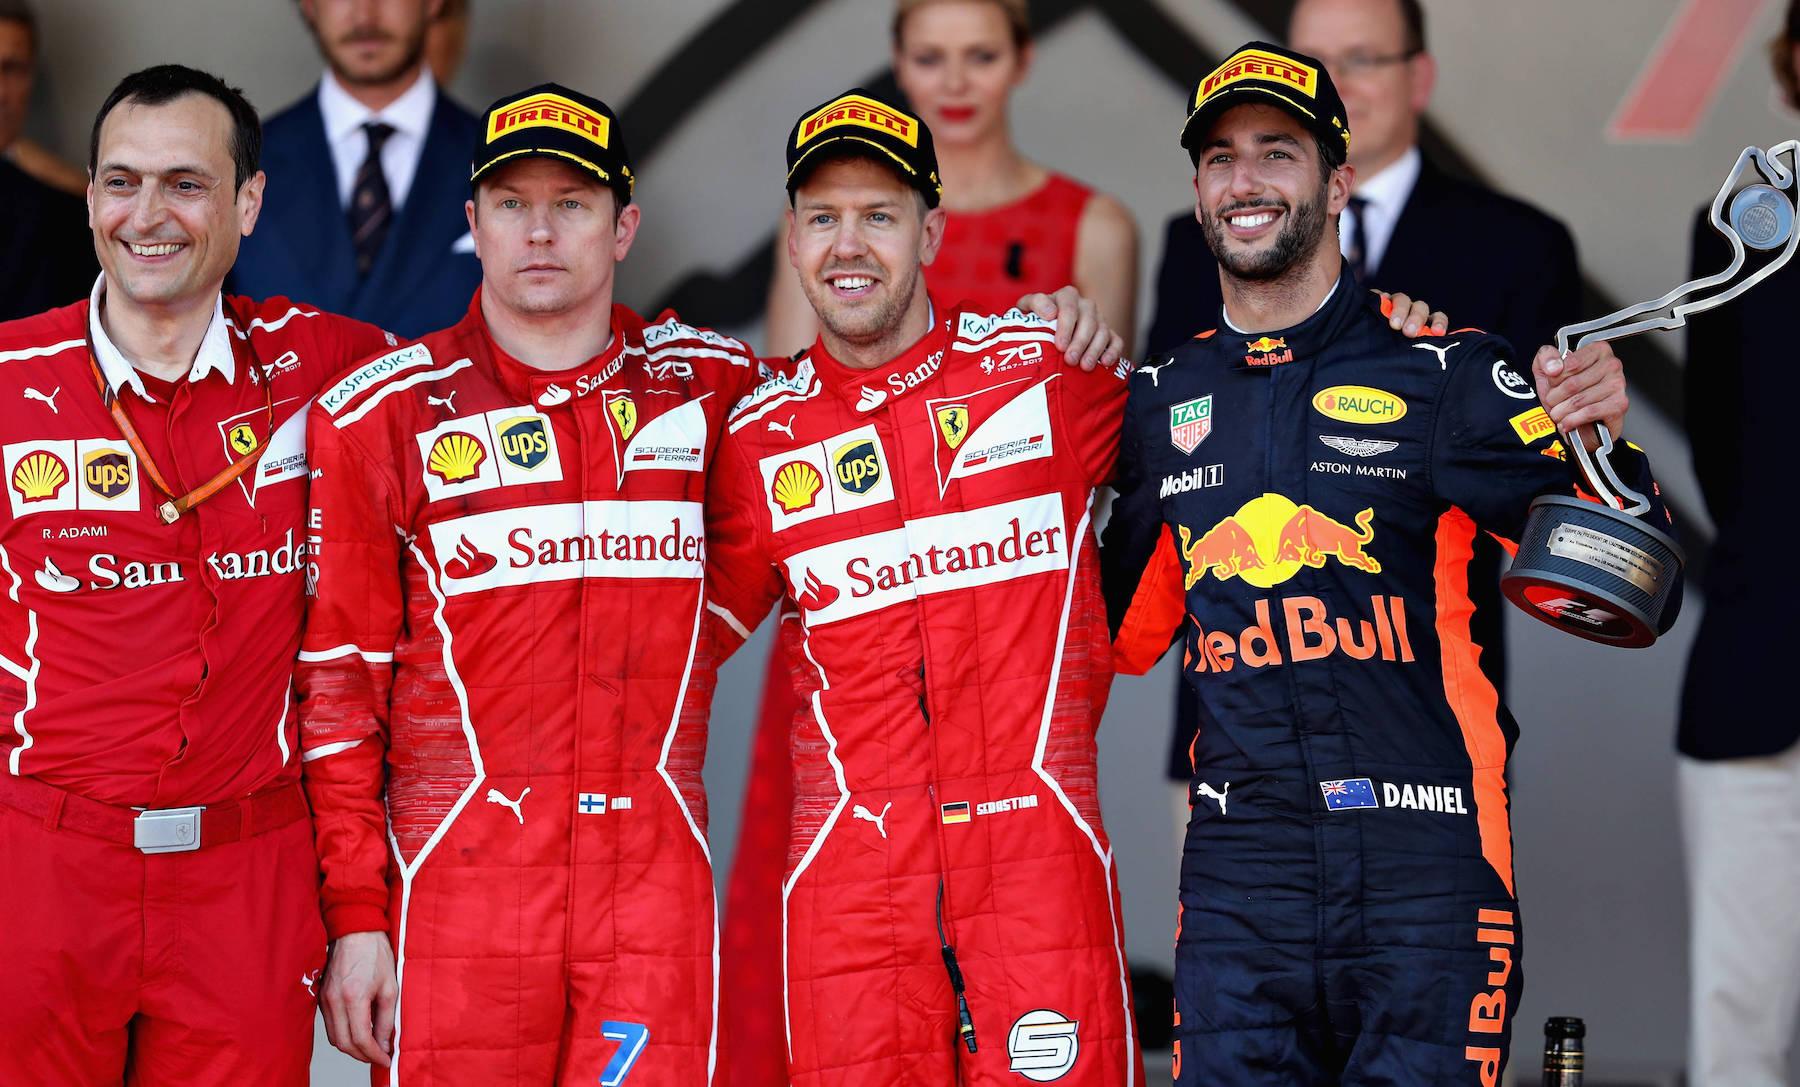 U 2017 Monaco GP podium 2 copy.jpg